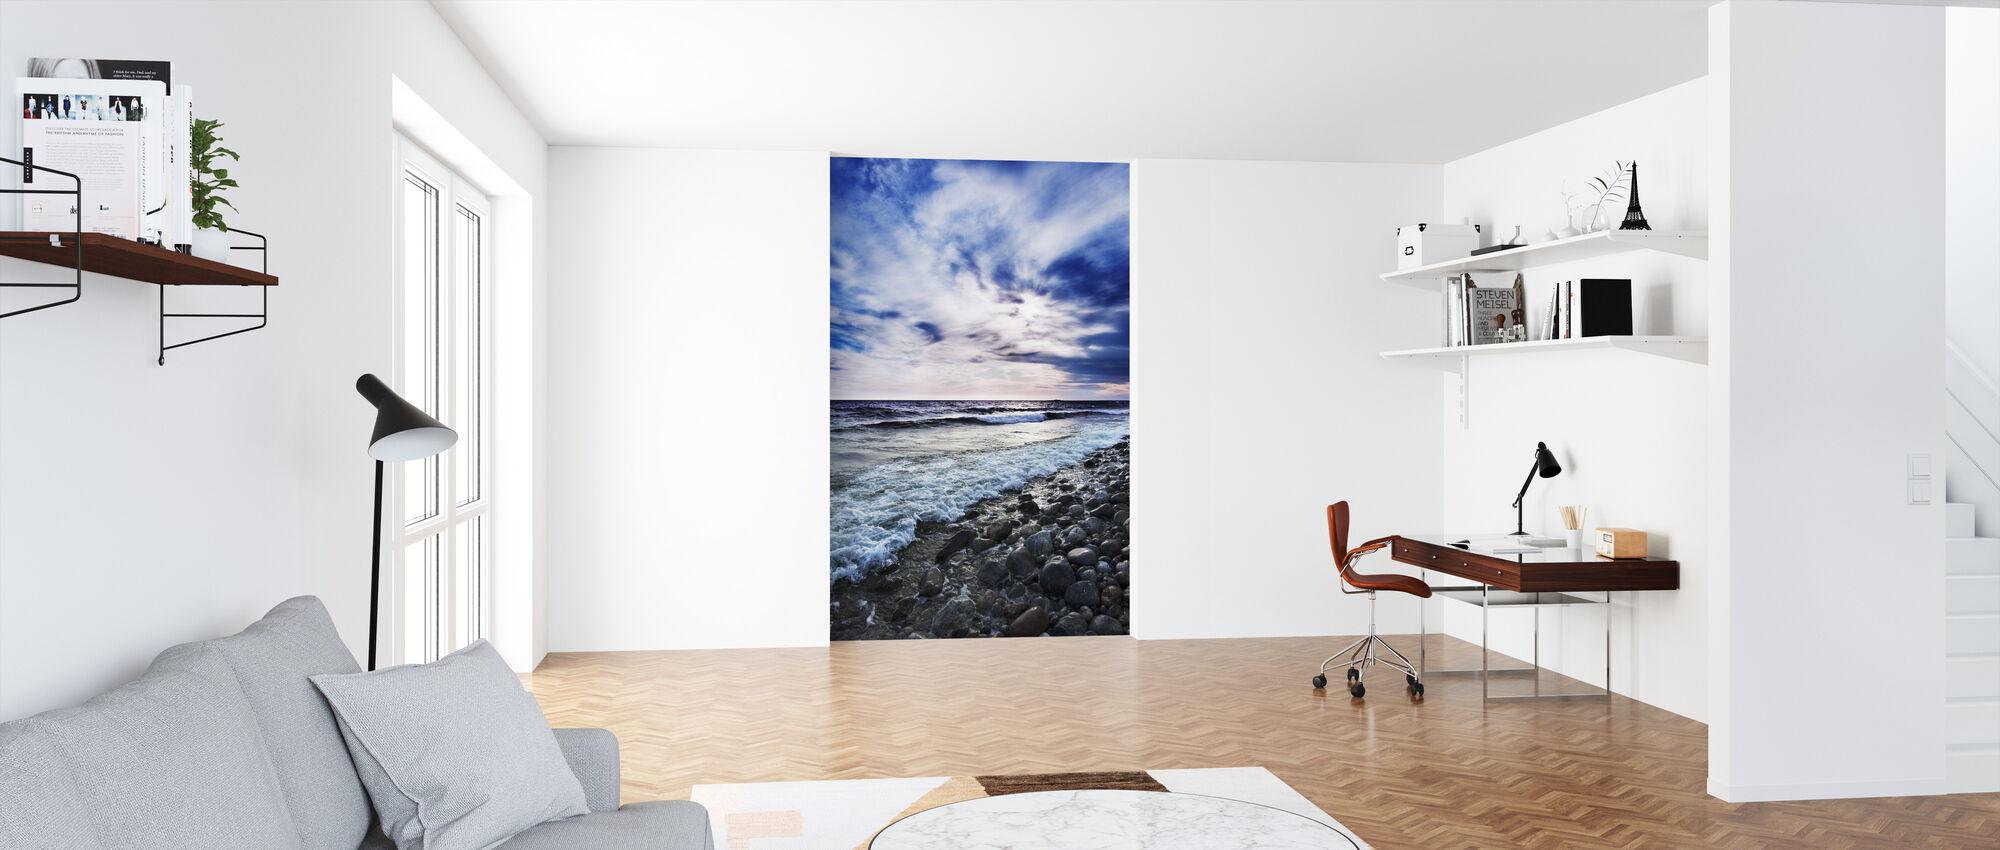 Torön aallot, Ruotsi - Tapetti - Toimisto